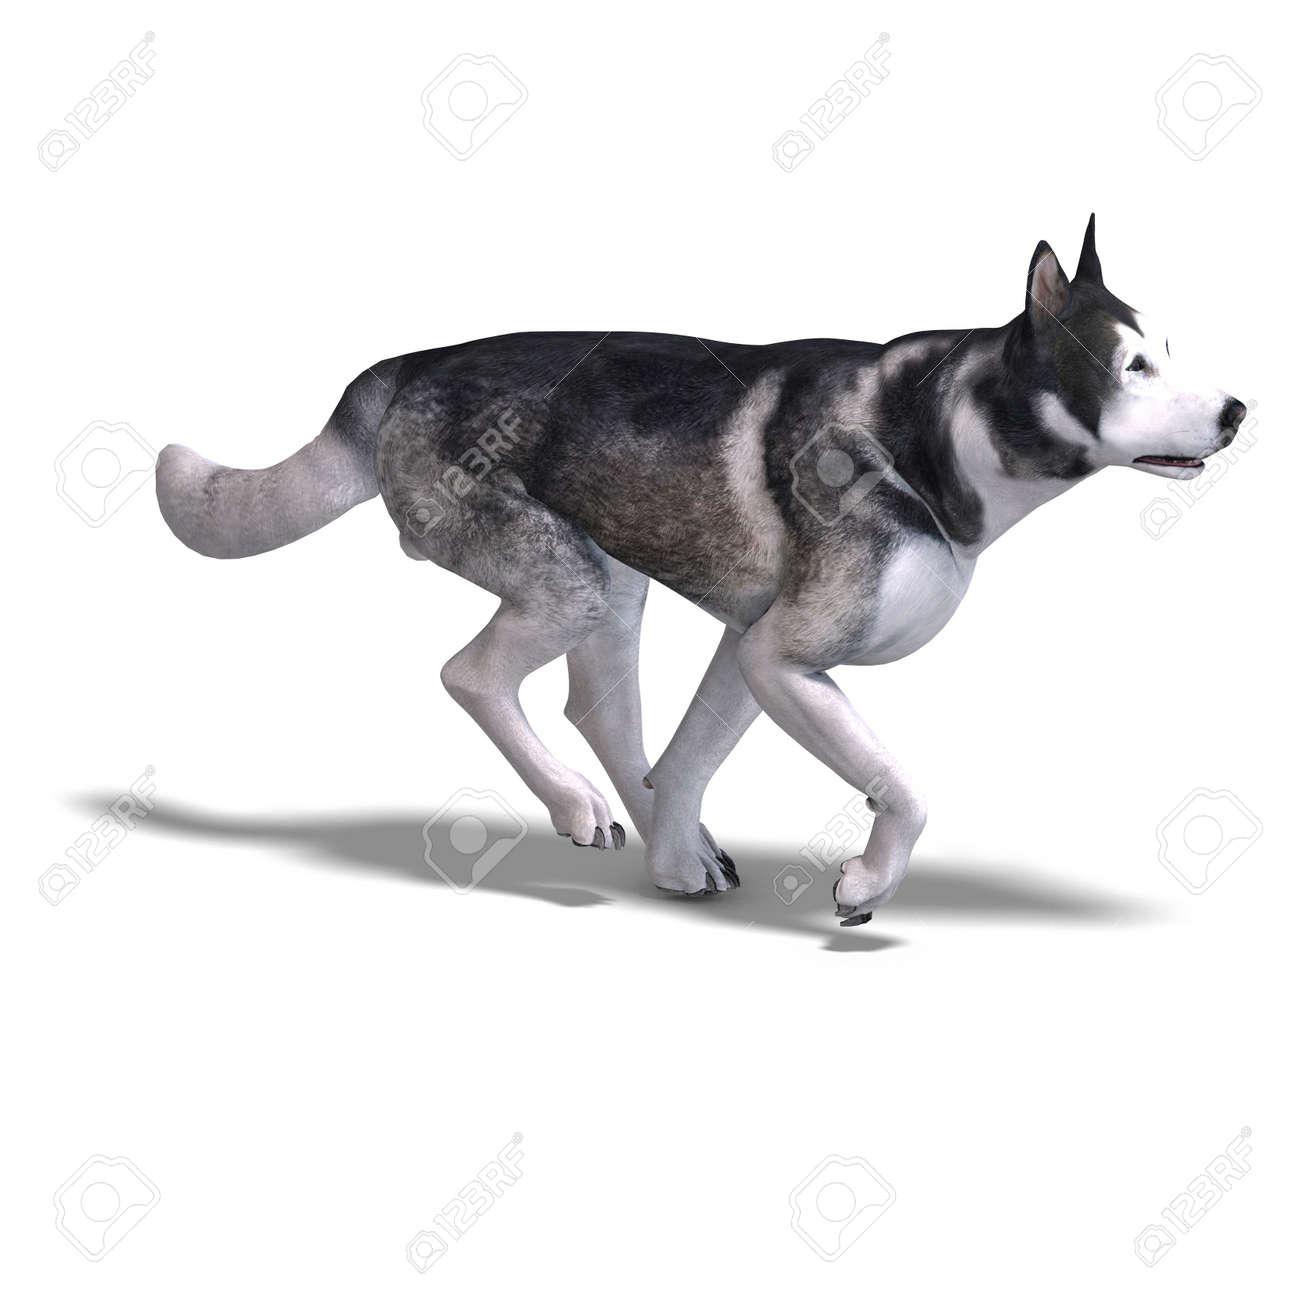 Alaskan Malamute Dog  3D rendering